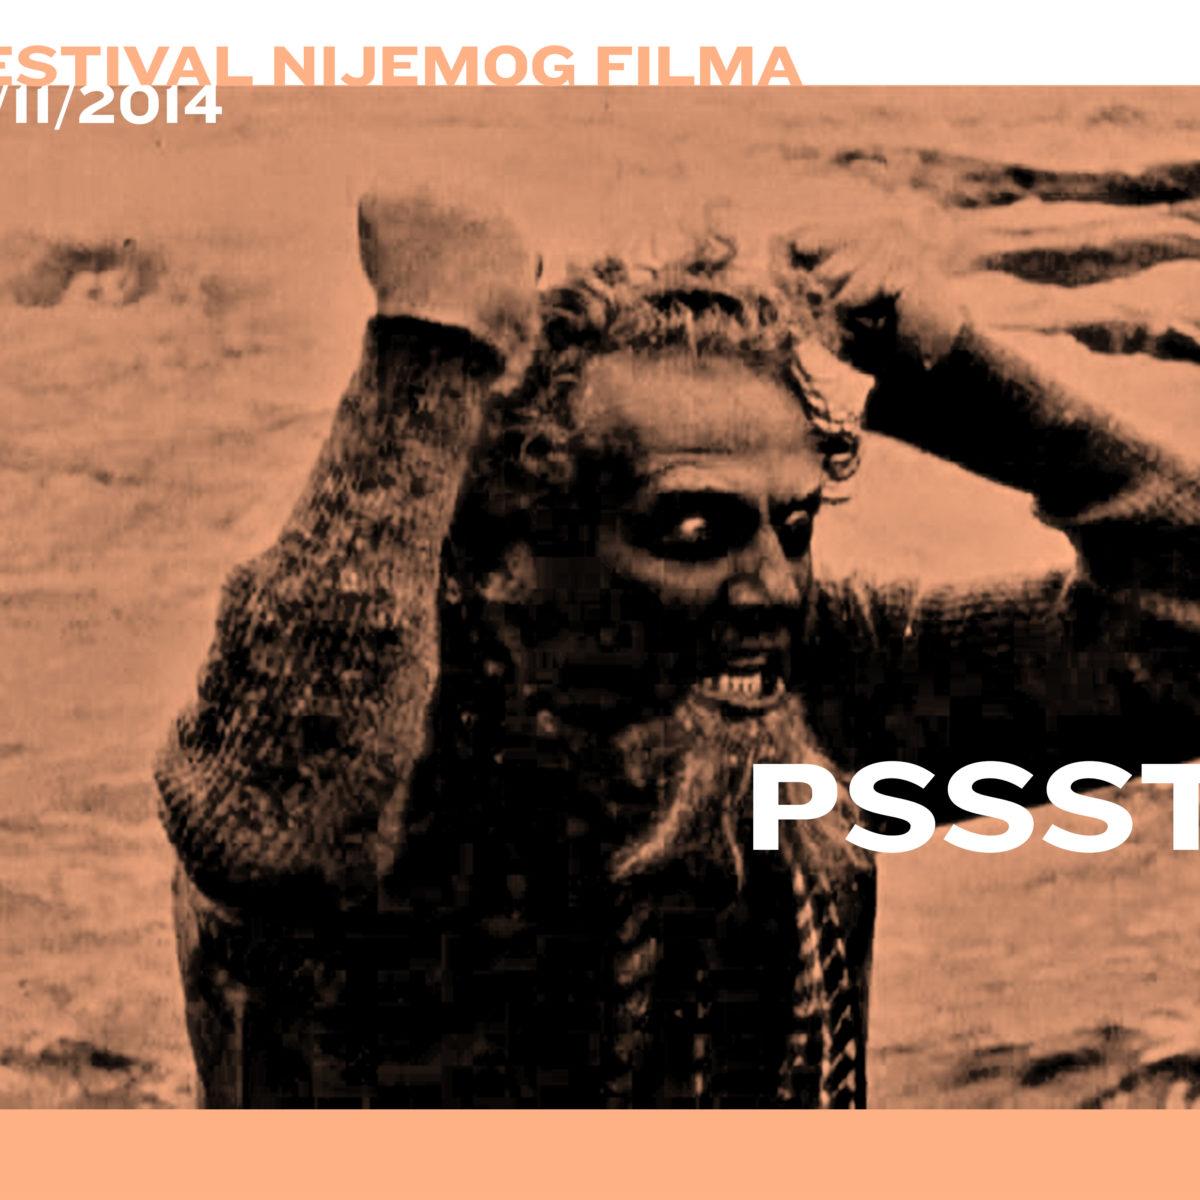 Odabrani filmovi natjecateljskog programa 8. PSSST! Festivala nijemog filma